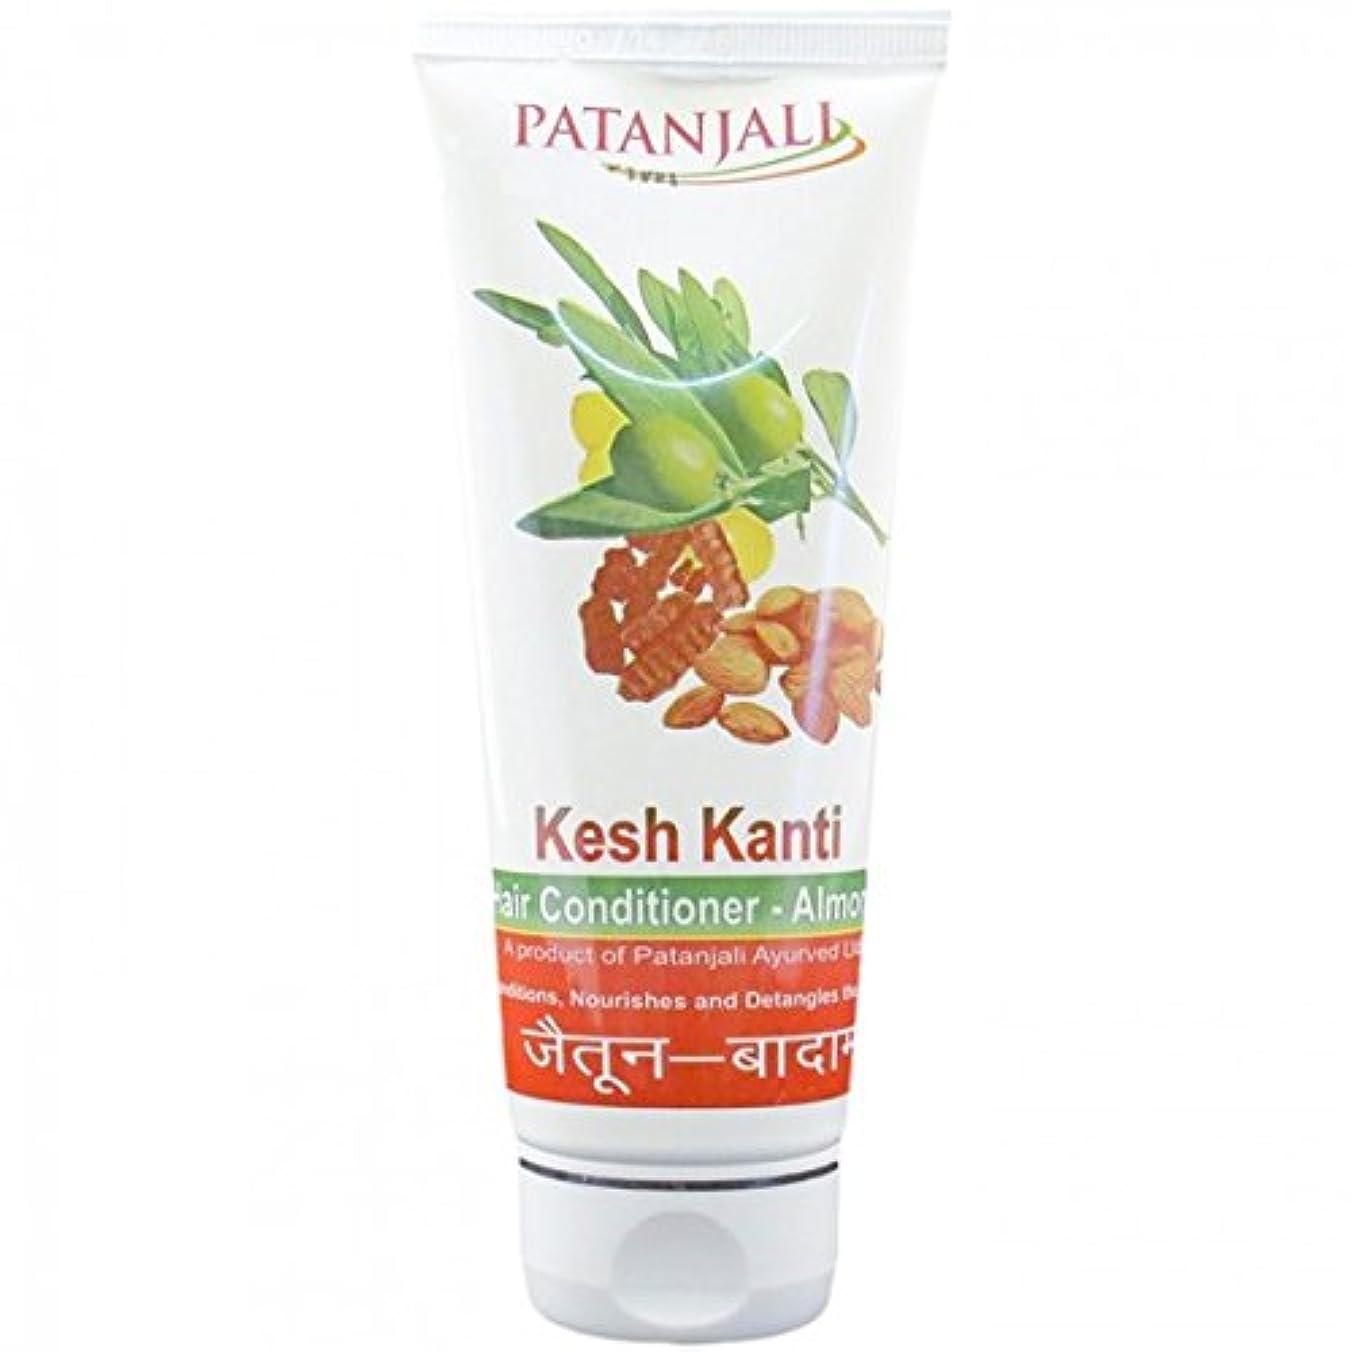 くつろぎ周術期支援PATANJALI Kesh Kanti Hair Conditioner Almond 100 Grams by Patanjali